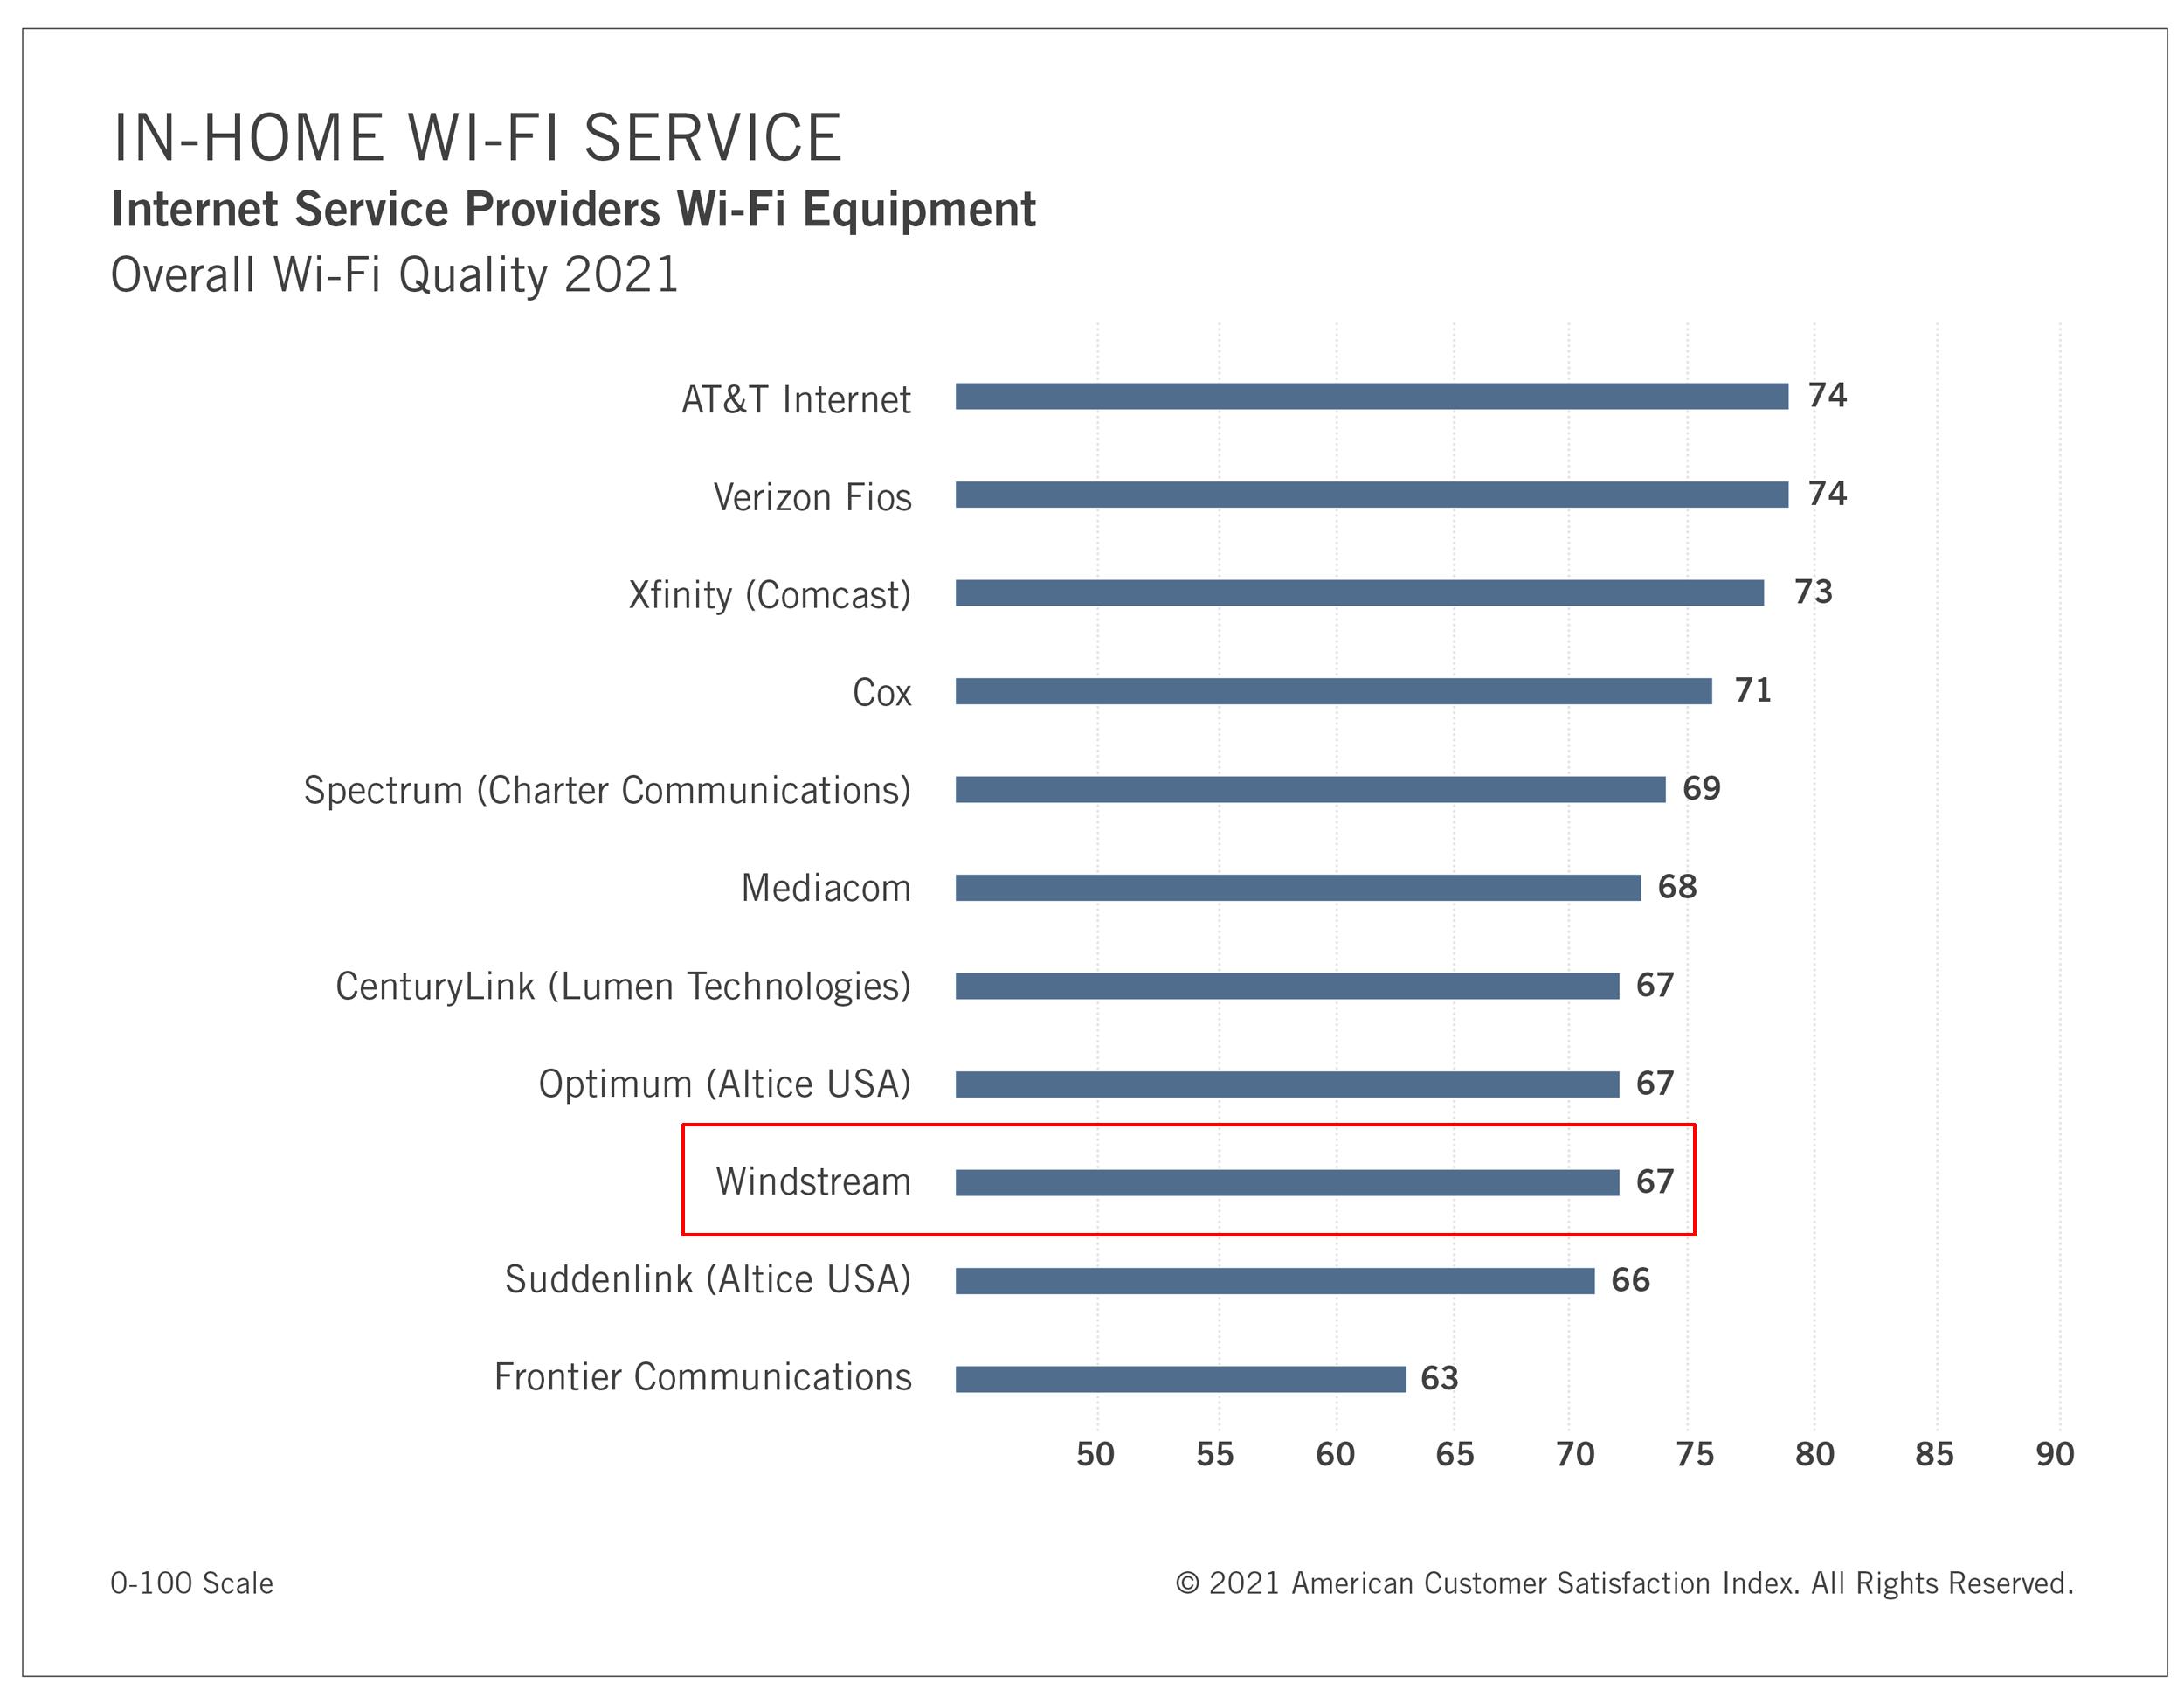 Windstream's in-home wi-fi service